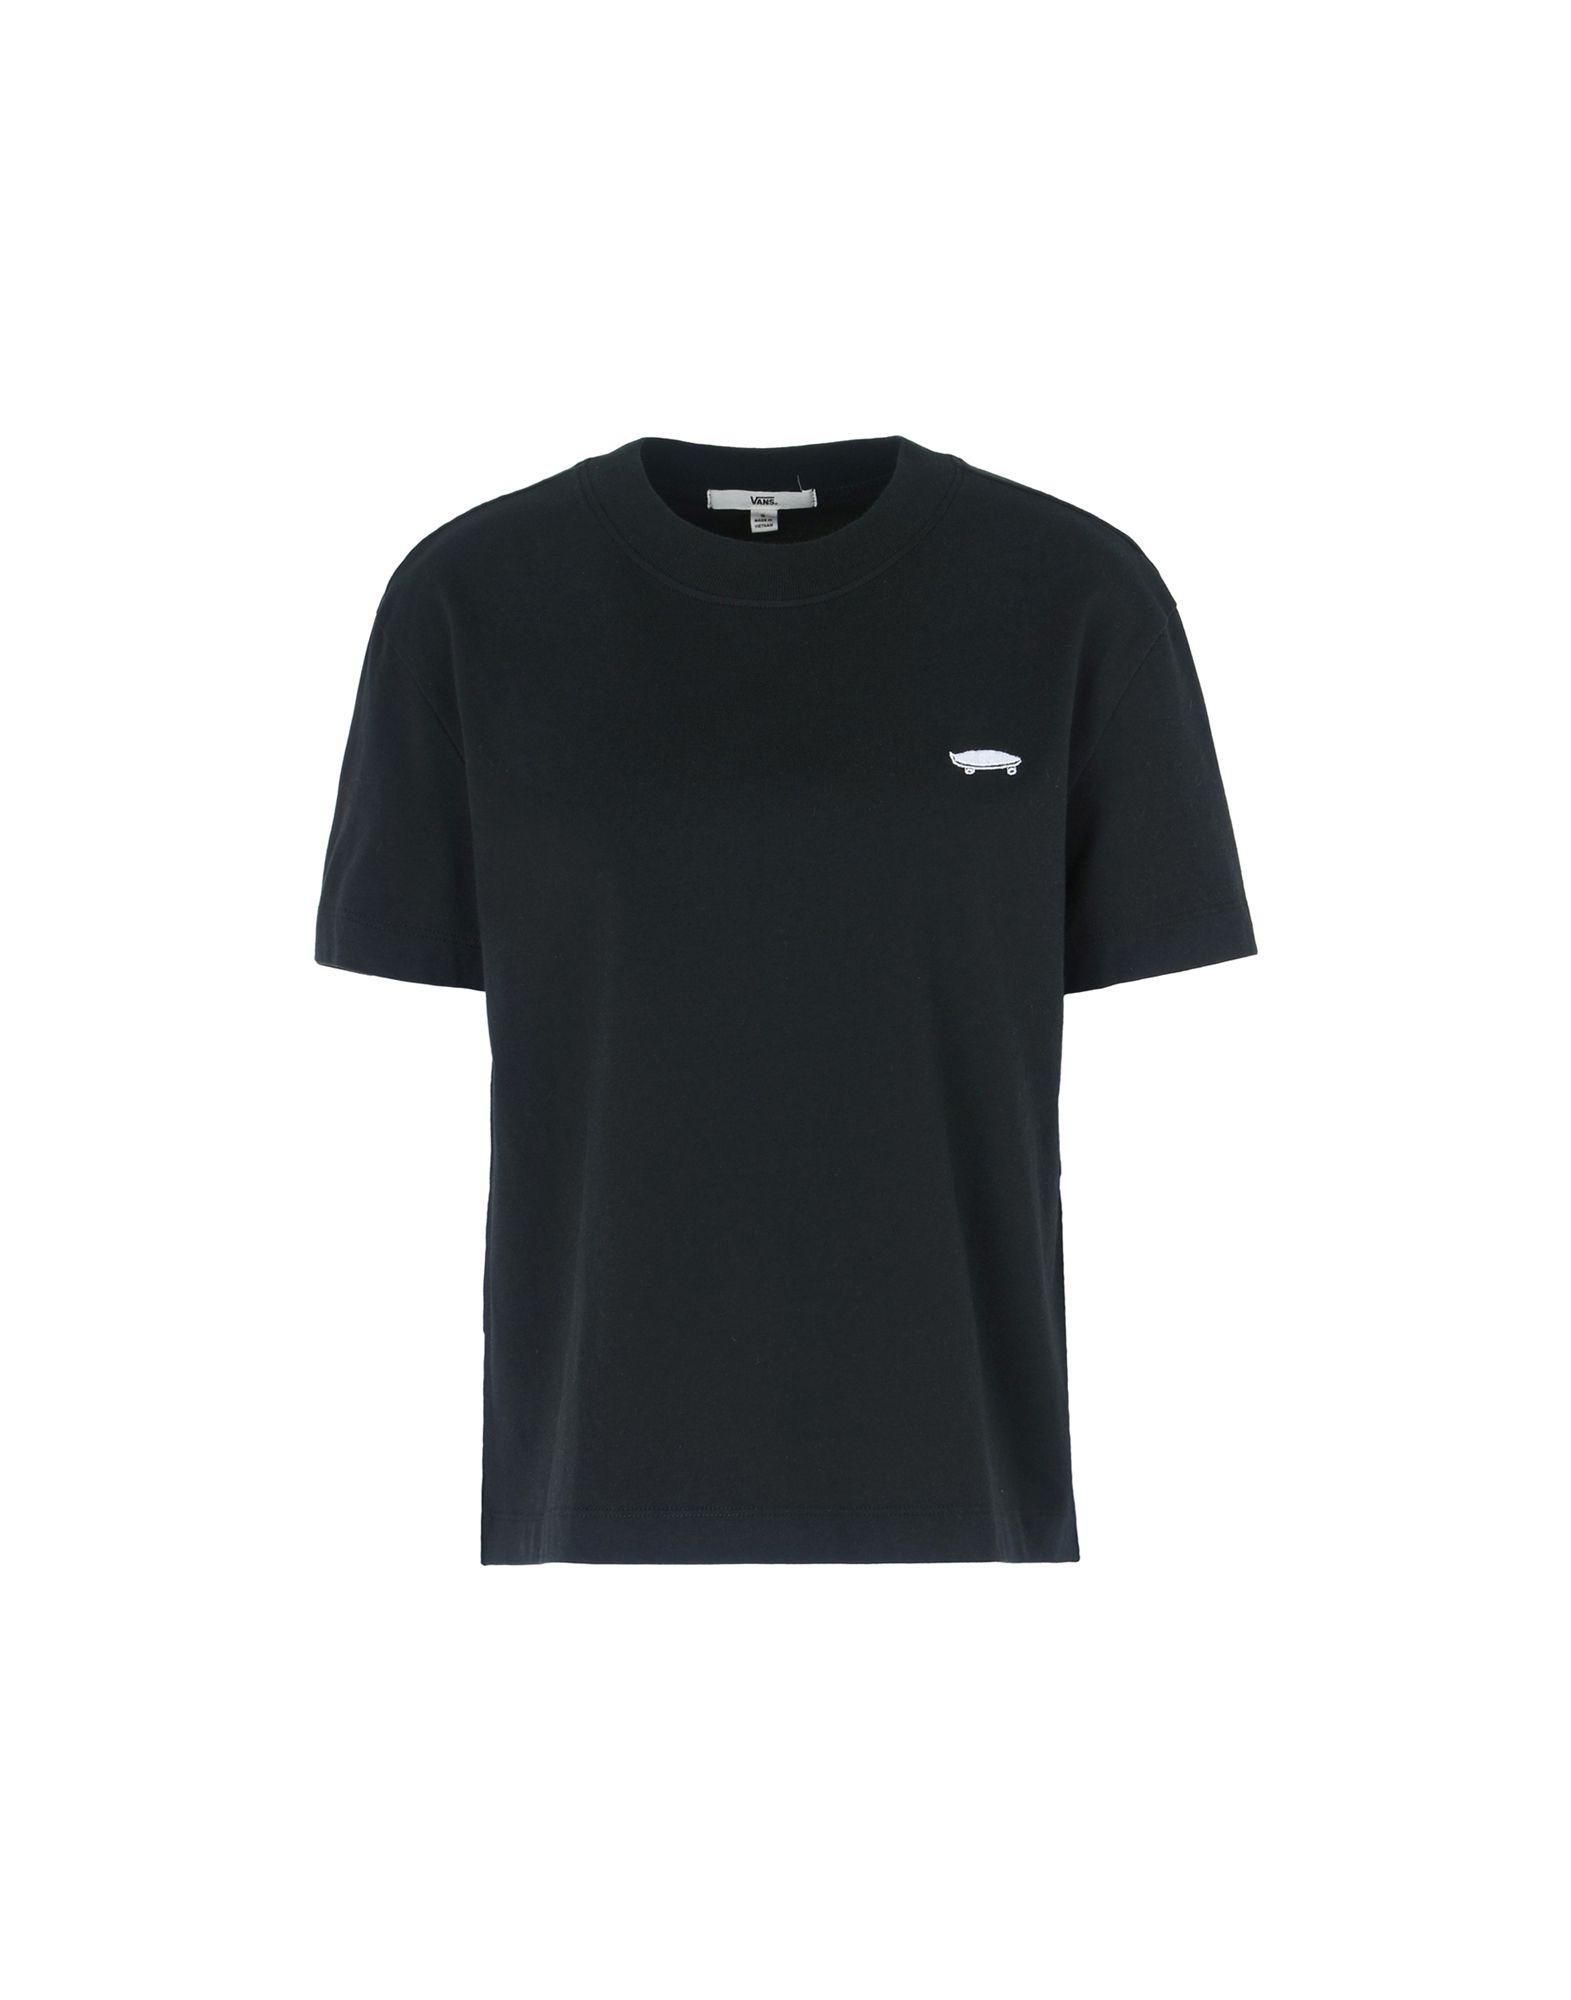 《送料無料》VANS レディース T シャツ ブラック XS コットン 100% BOULDER TOP